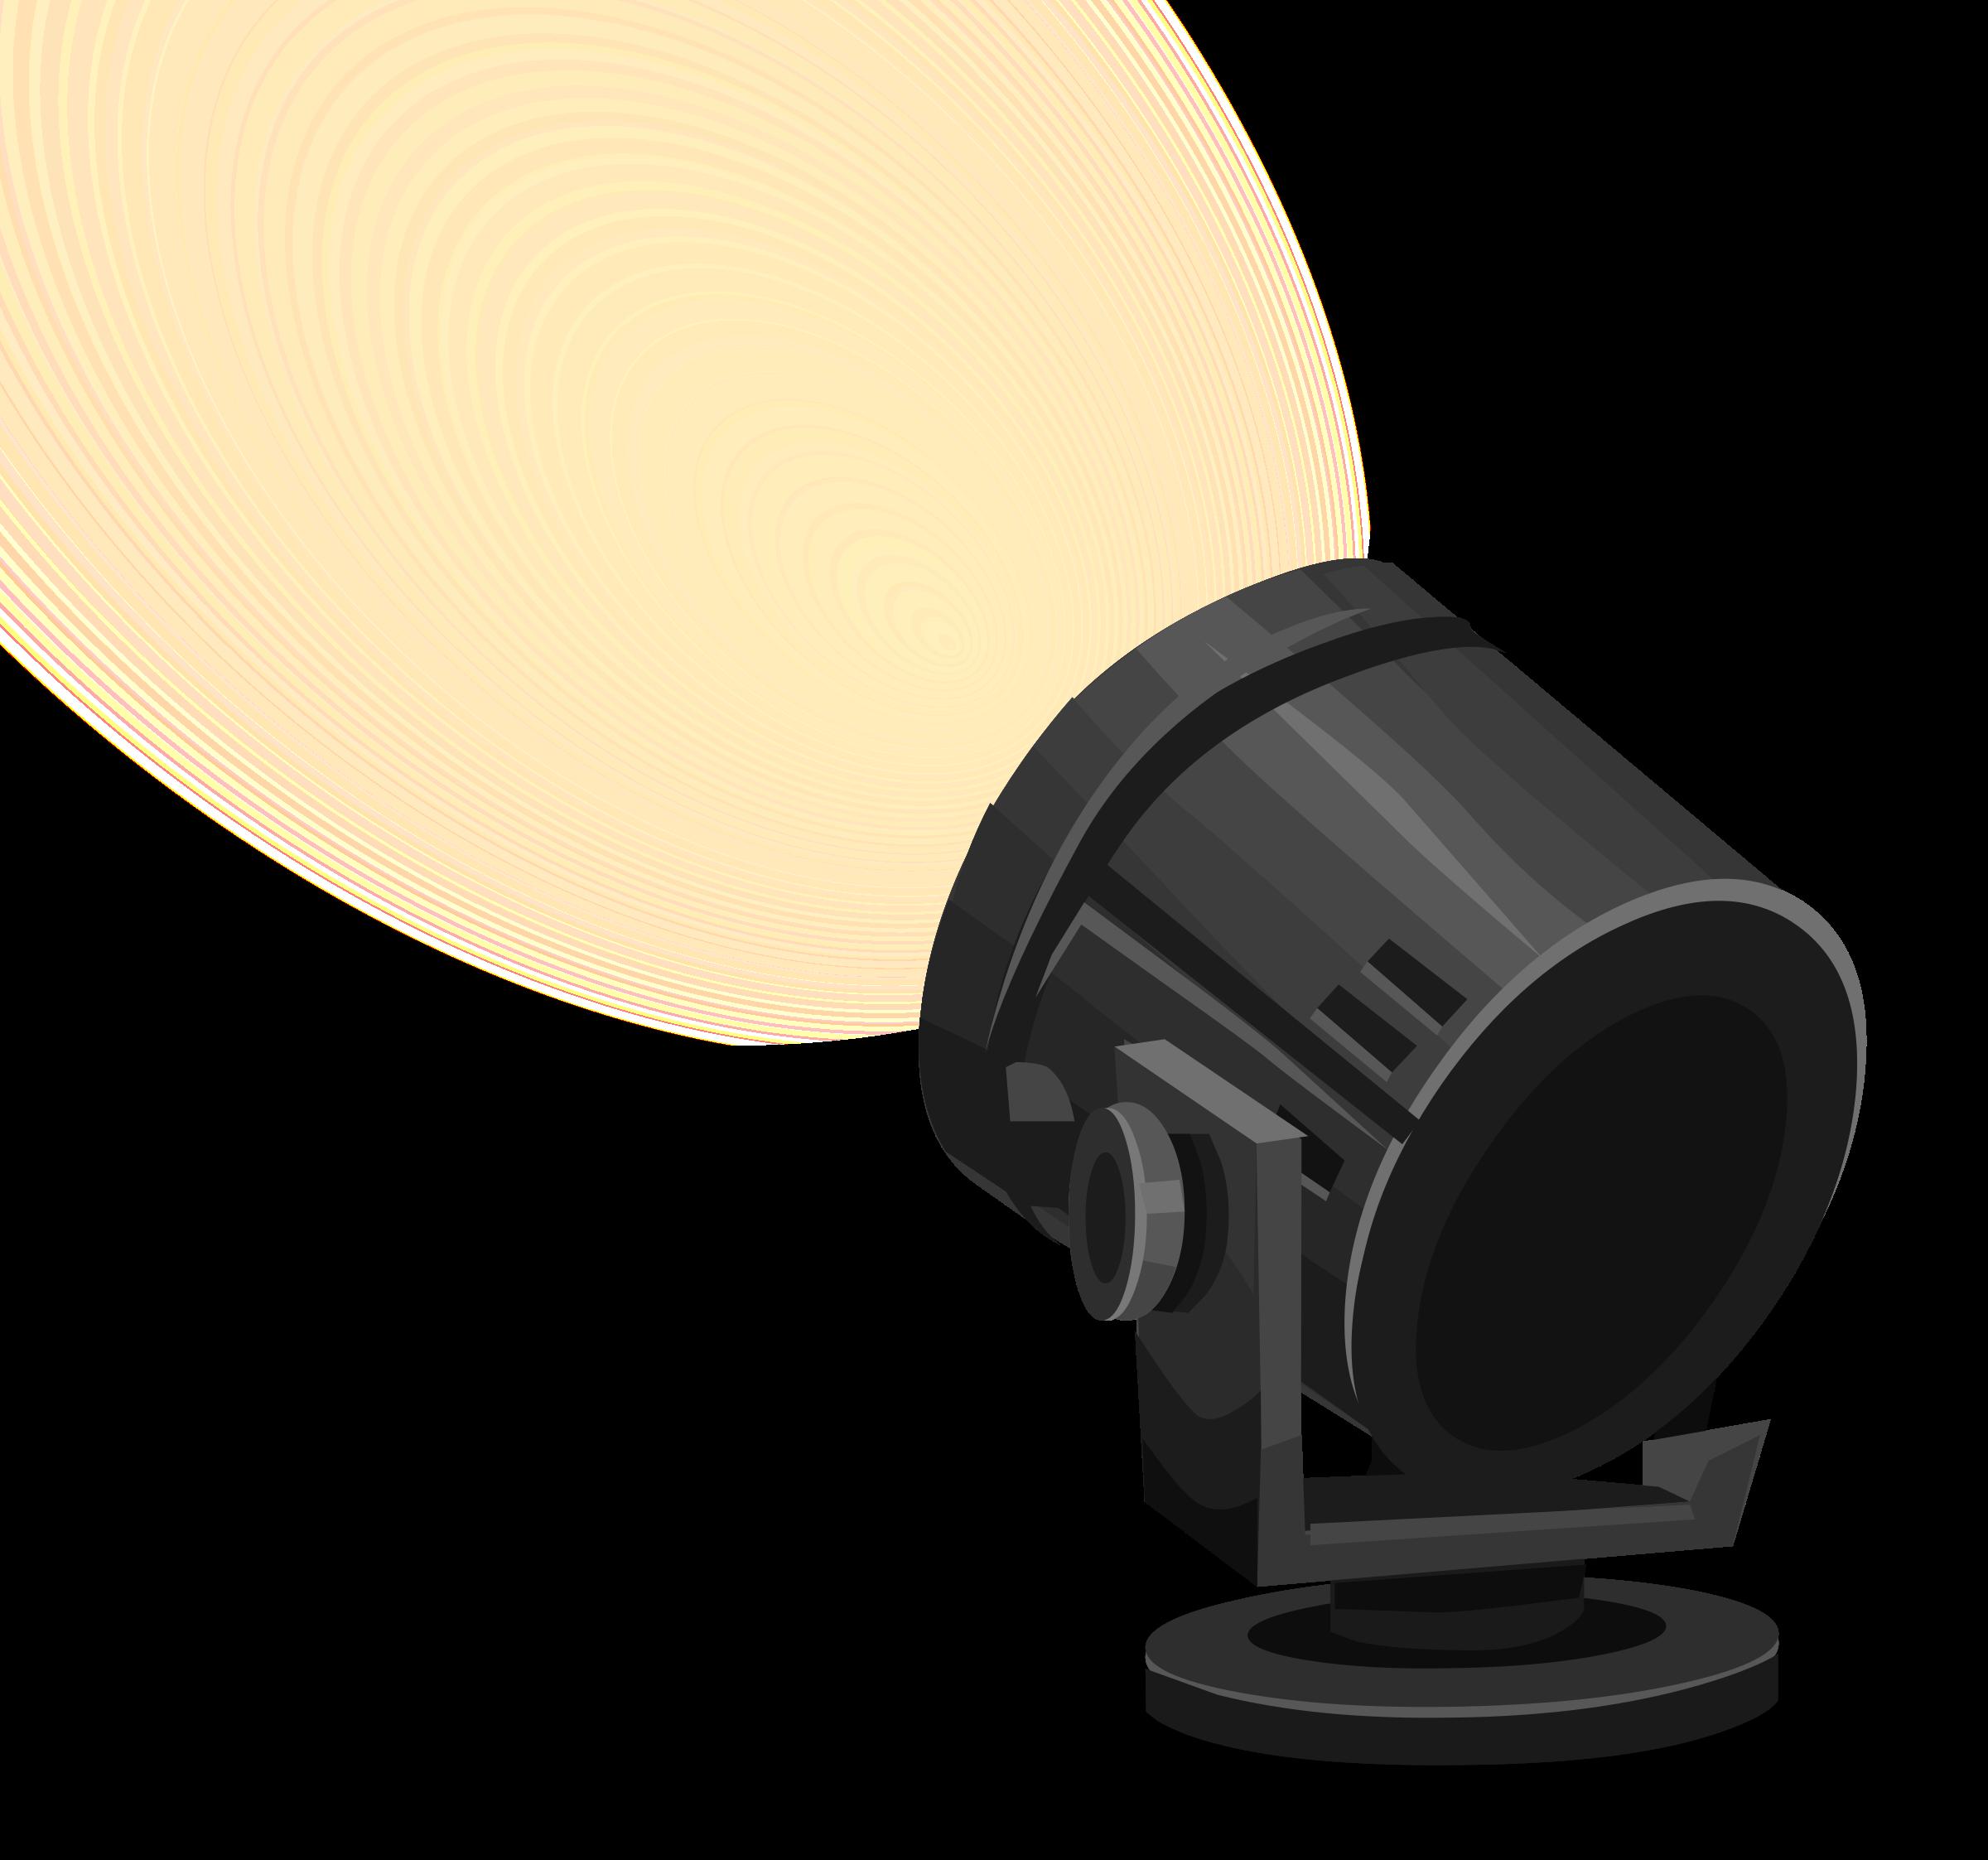 Light clipart spotlight, Light spotlight Transparent FREE ...